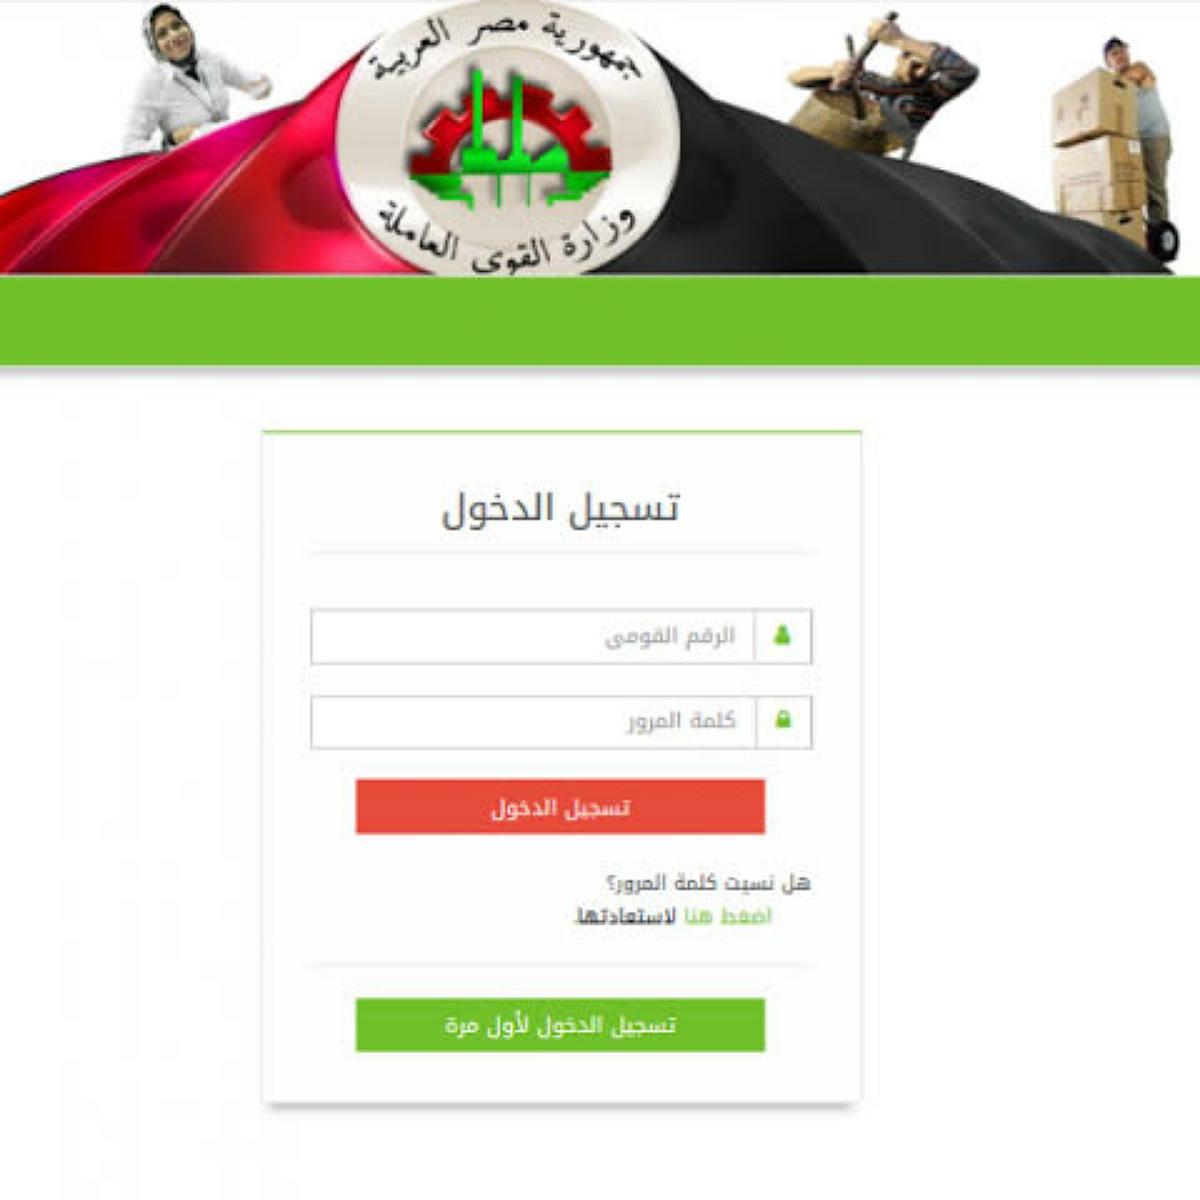 رابط الاستعلام عن منحة العمالة الغير منتظمة الدفعة الجديدة لدى وزارة القوى العاملة